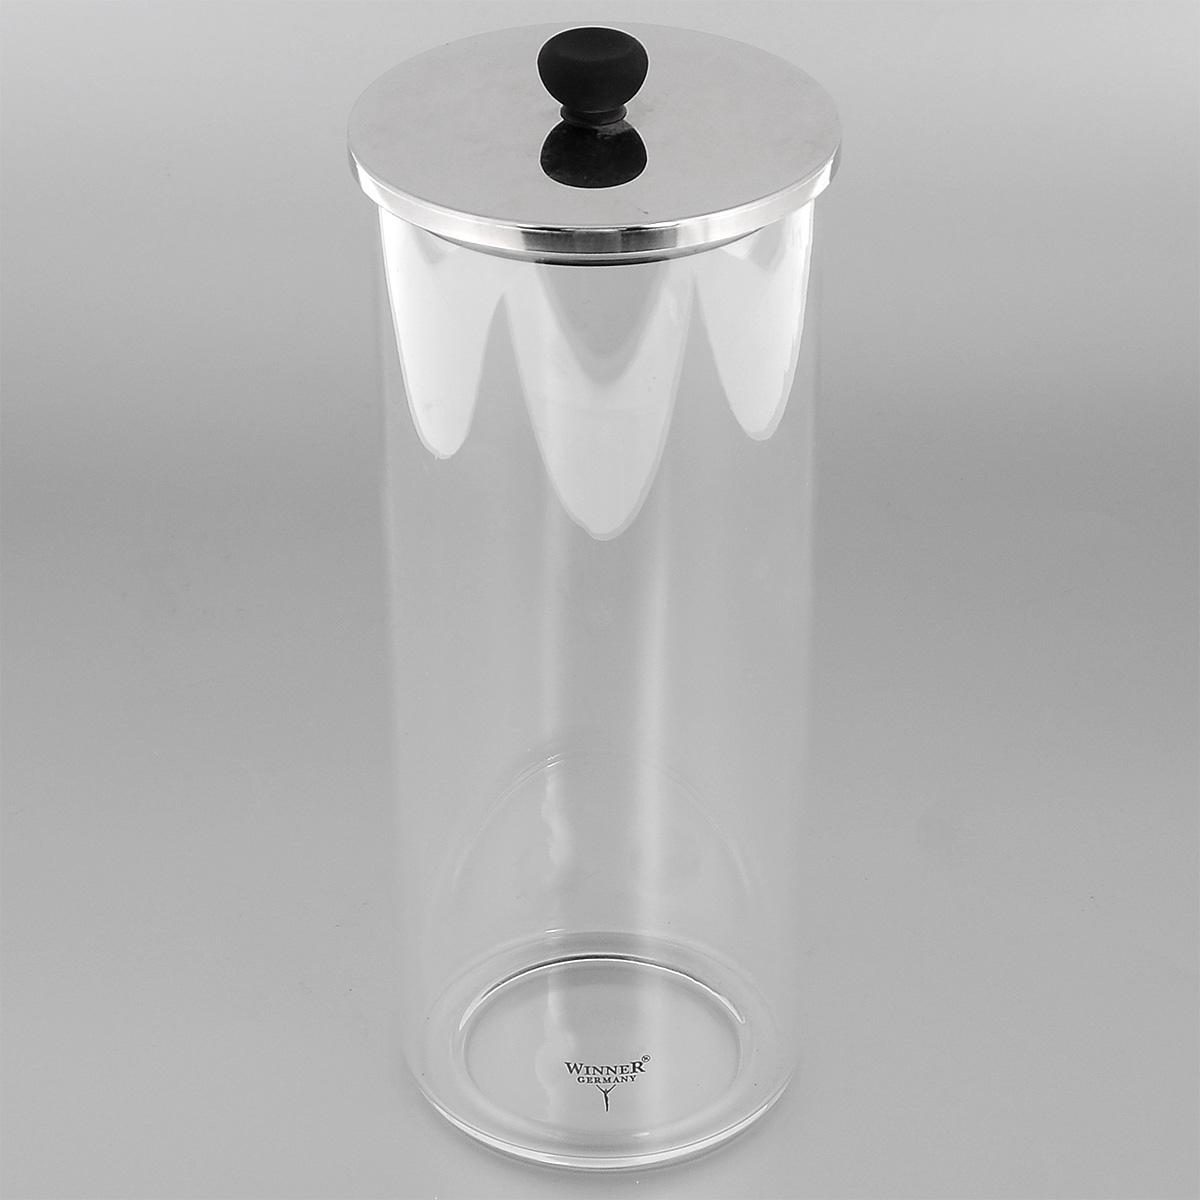 Контейнер для сыпучих продуктов Winner, 1,4 лVT-1520(SR)Контейнер Winner, выполненный из высококачественного стекла, станет незаменимым помощником на кухне. В нем будет удобно хранить разнообразные сыпучие продукты, такие как кофе, крупы, макароны или специи. Контейнер снабжен герметичной крышкой из нержавеющей стали с силиконовым уплотнителем, благодаря чему продукты в нем дольше останутся свежими. Контейнер Winner станет достойным дополнением к кухонному инвентарю.Диаметр: 9 см.Высота (без учета крышки): 24 см.Объем: 1,4 л.